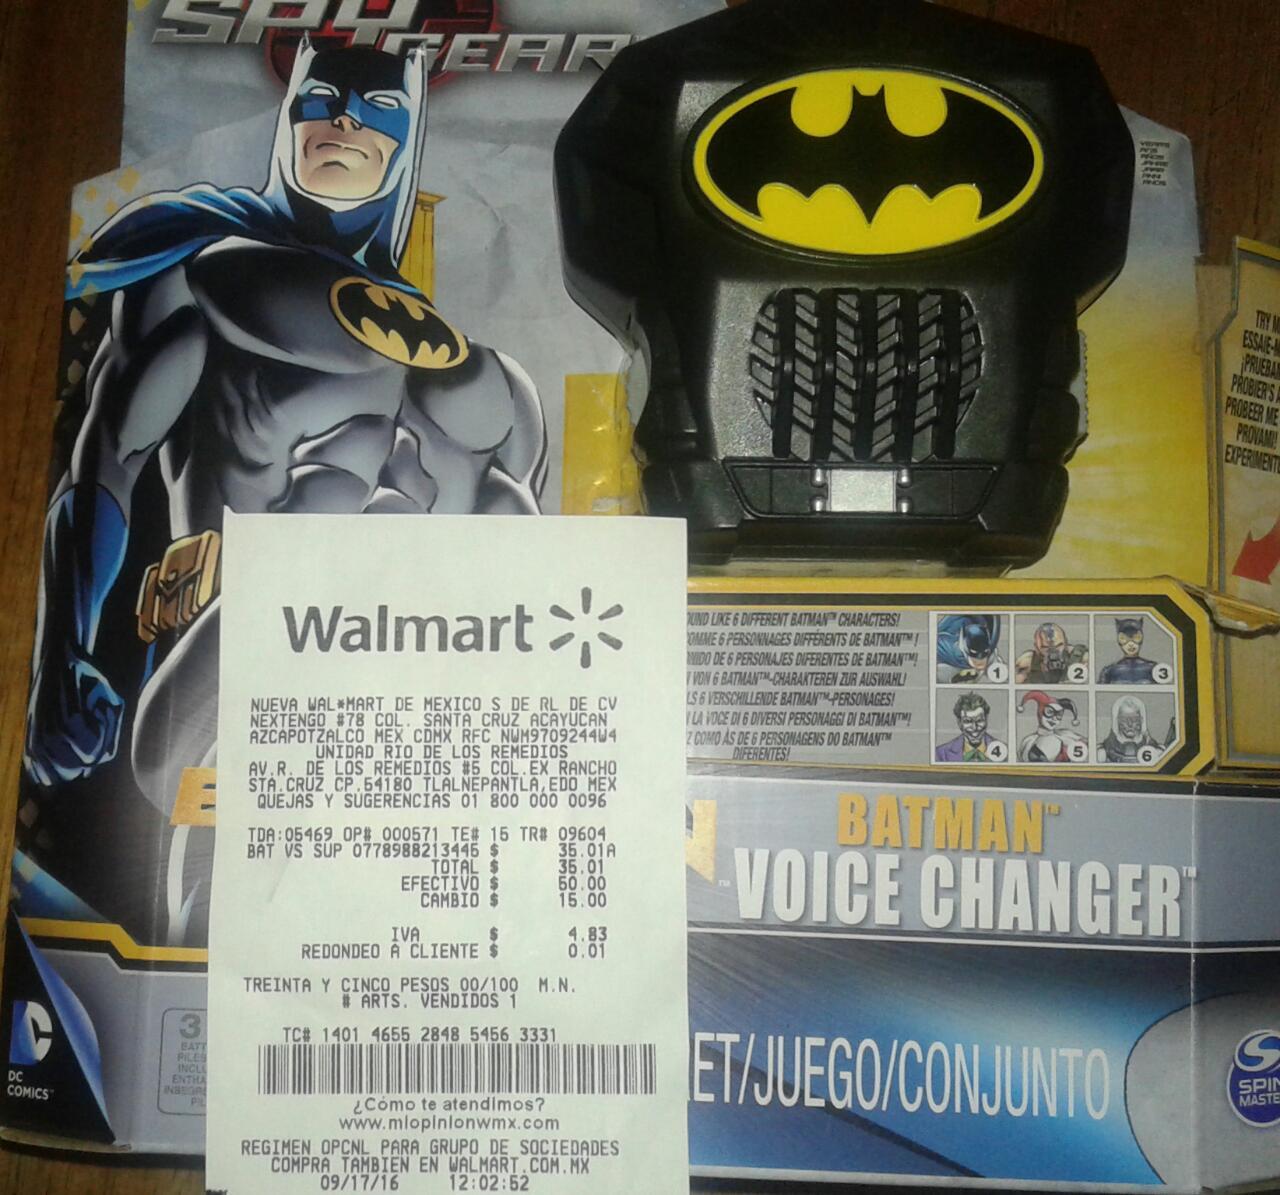 Walmart: cambiador de voz Batman 6 voces diferentes a $35.01